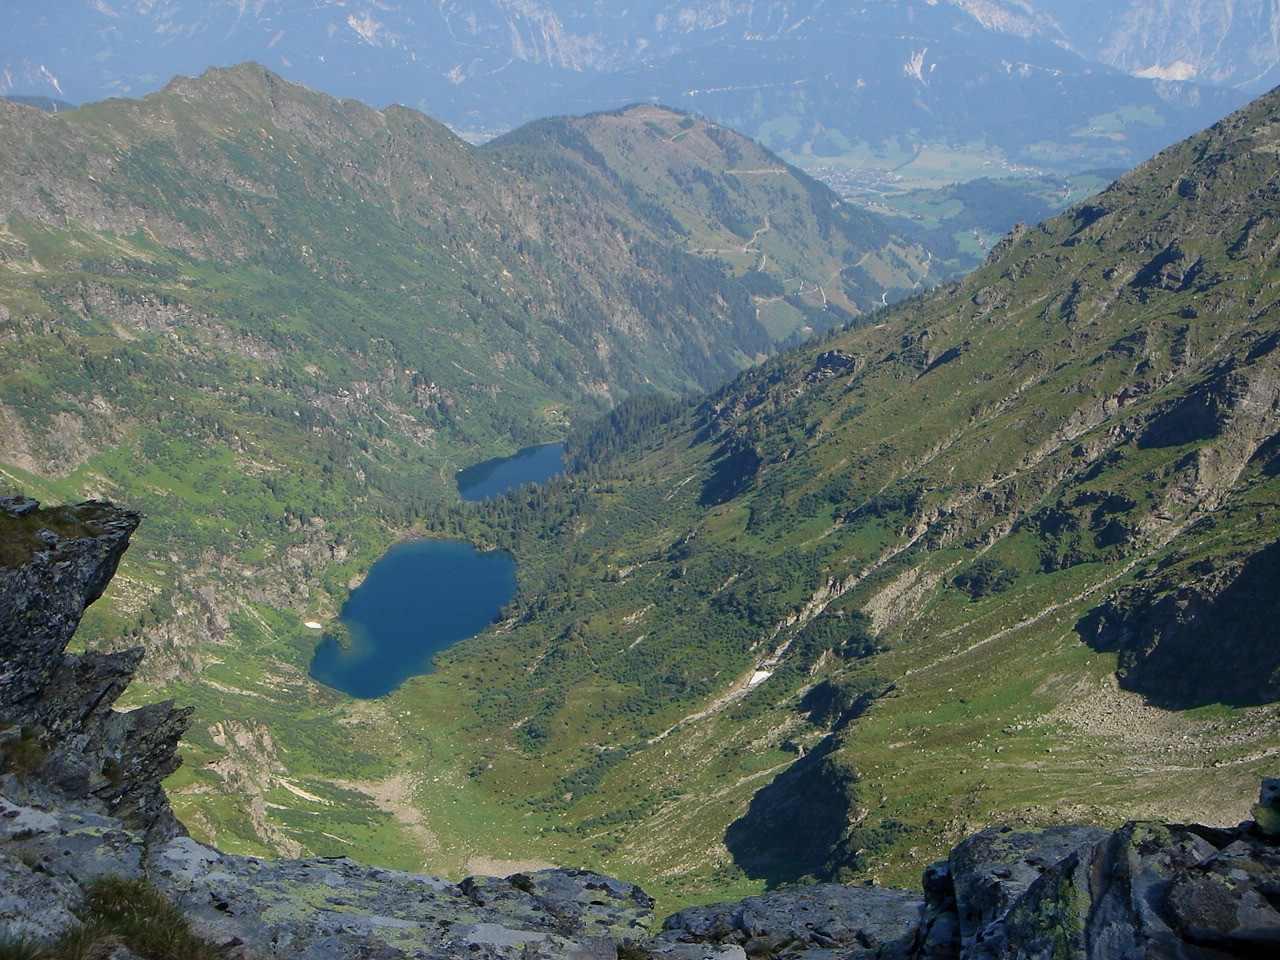 Foto: Manfred Karl / Wander Tour / Hochwildstelle-Überschreitung / Tiefblick zum Obersee und Hüttensee / 15.06.2007 23:05:29